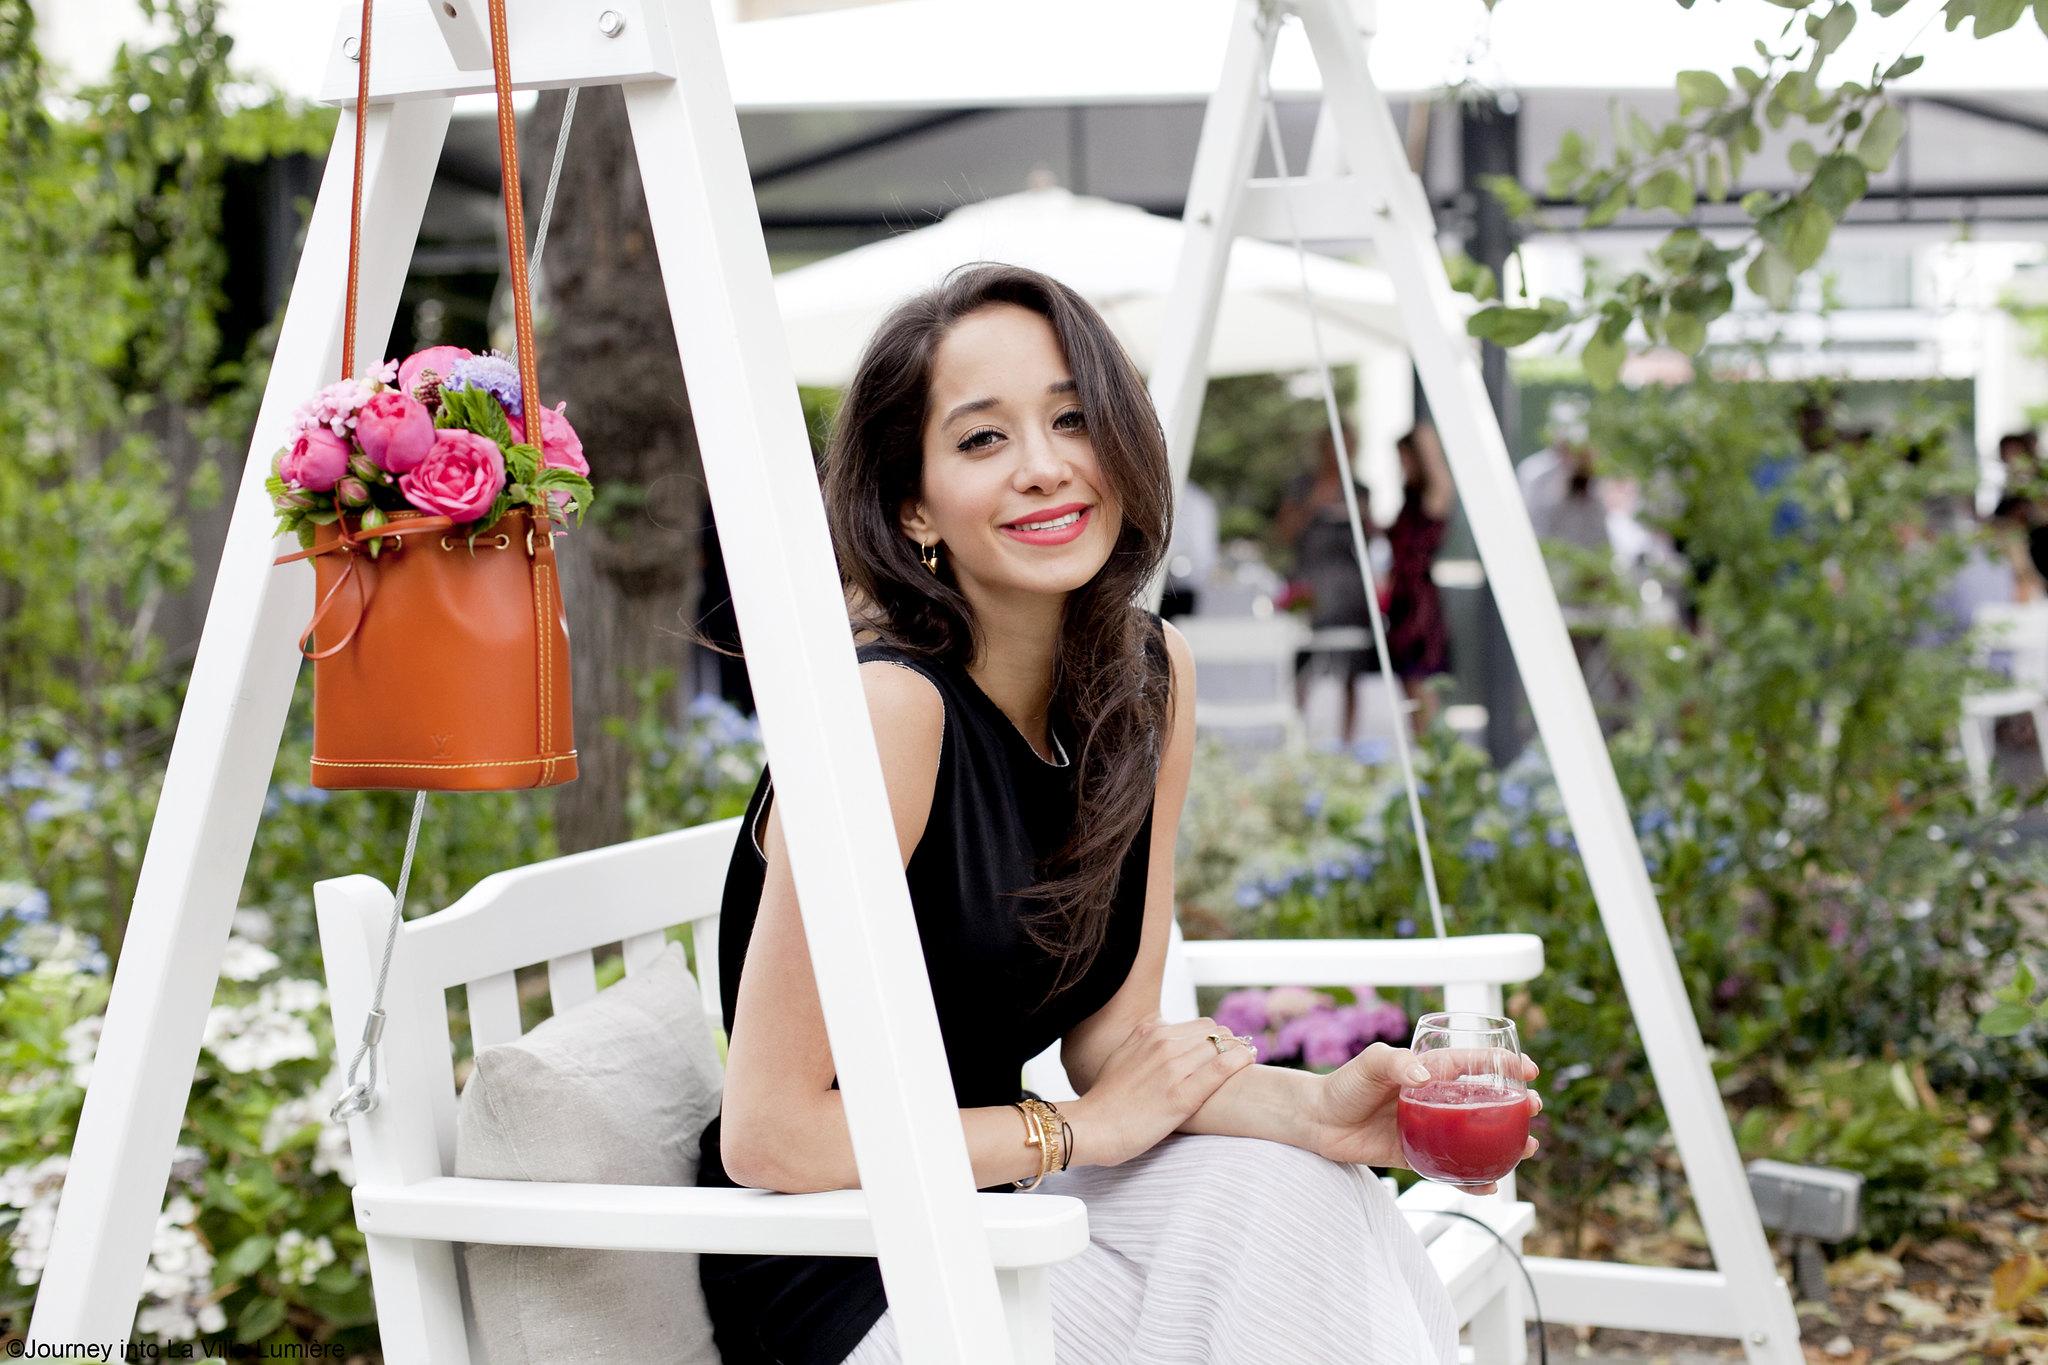 Lana El Sahely